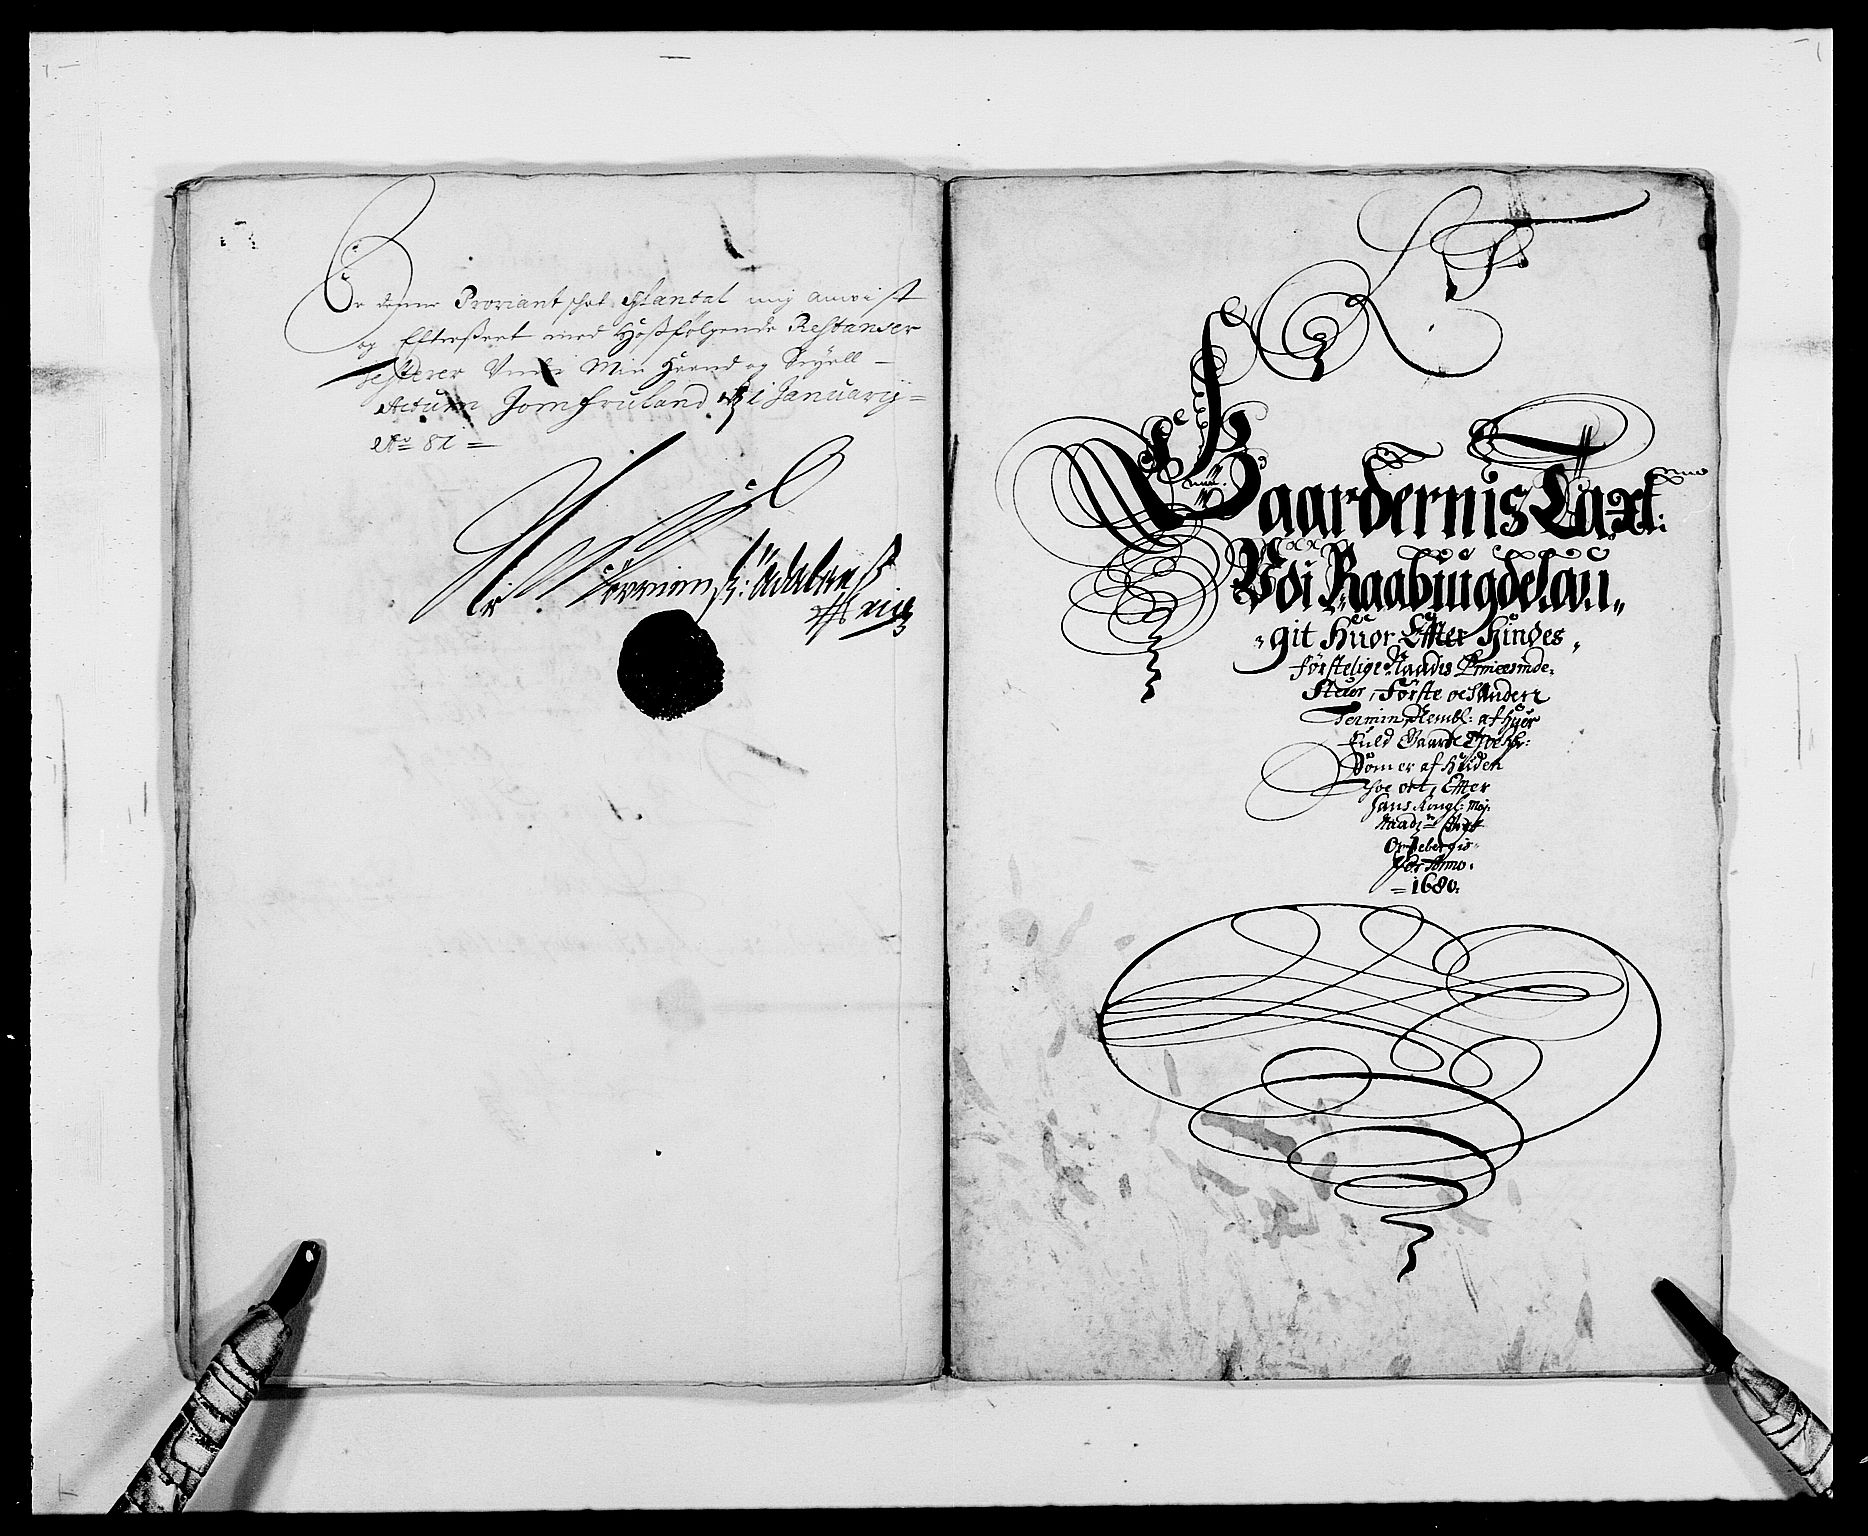 RA, Rentekammeret inntil 1814, Reviderte regnskaper, Fogderegnskap, R40/L2436: Fogderegnskap Råbyggelag, 1679-1680, s. 267